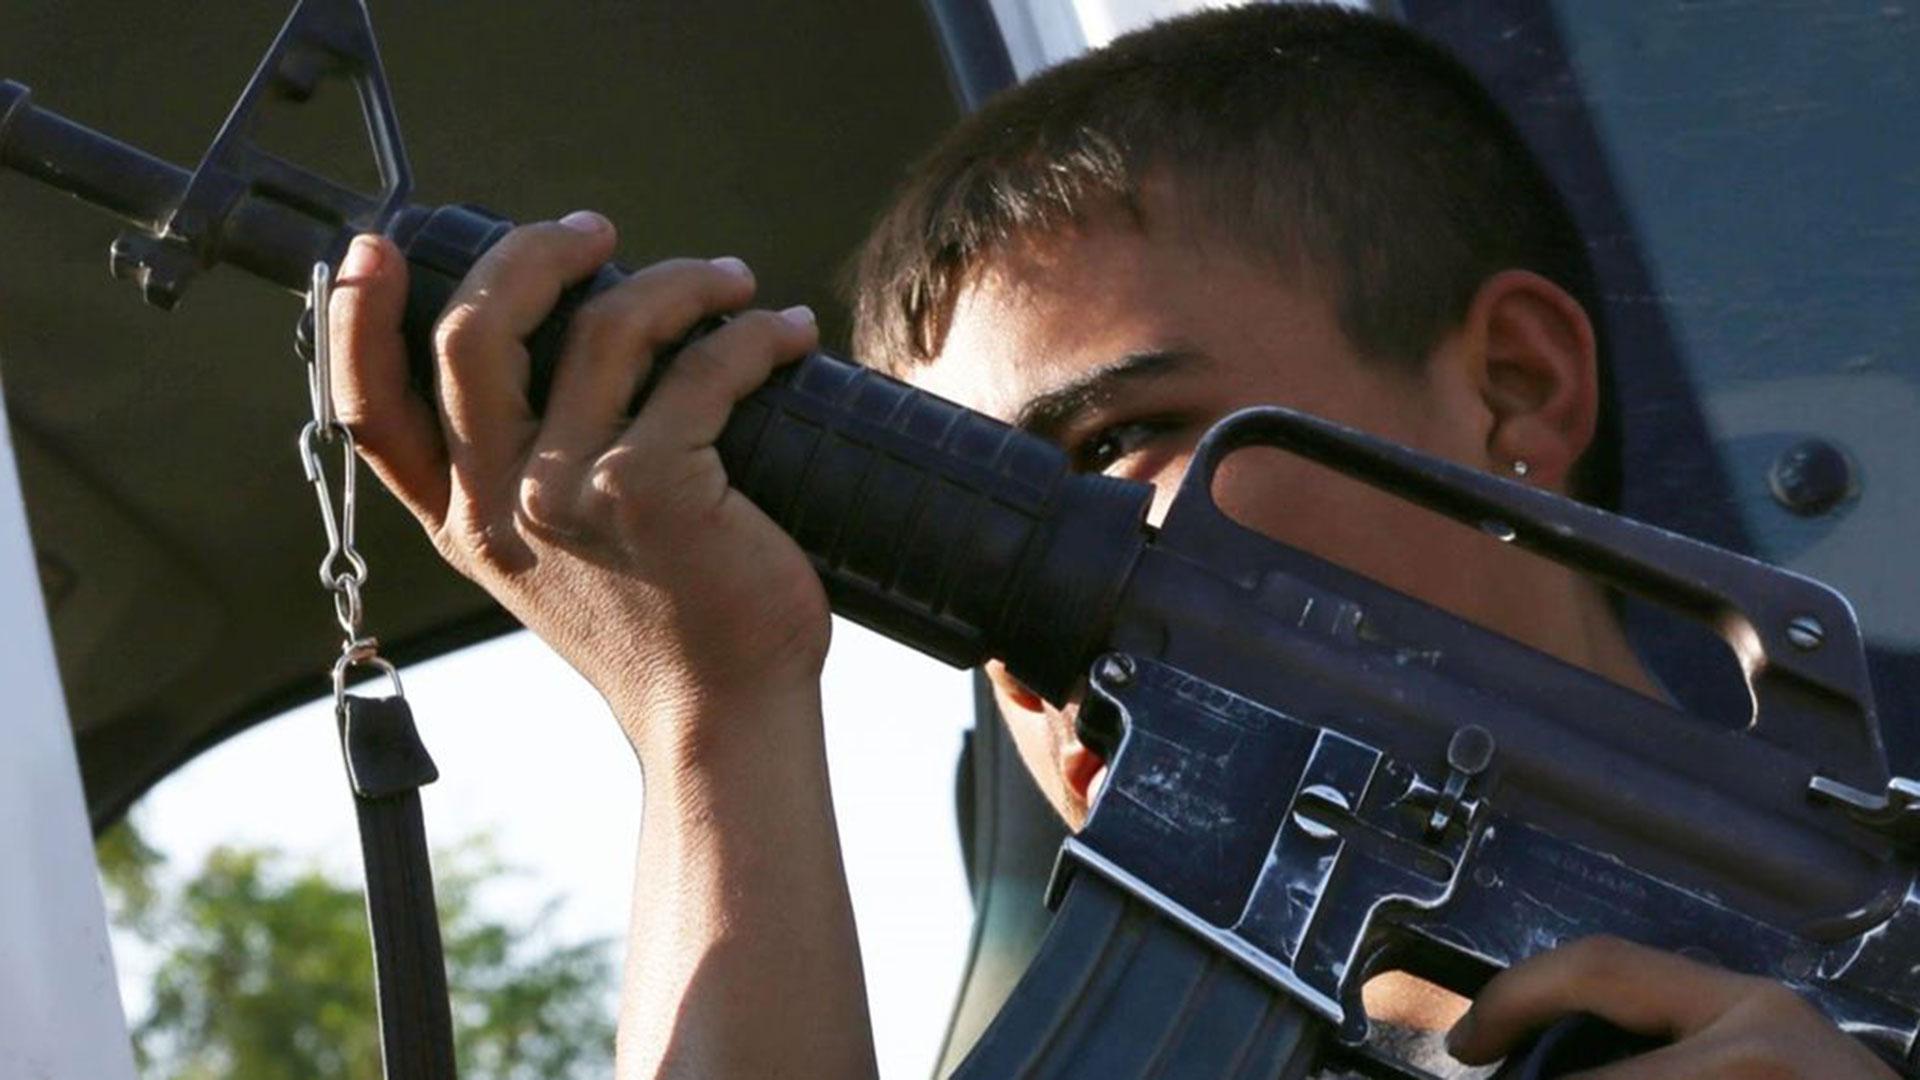 Los adolescentes son reclutados por el crimen organizado entre los 11 y los 12 años